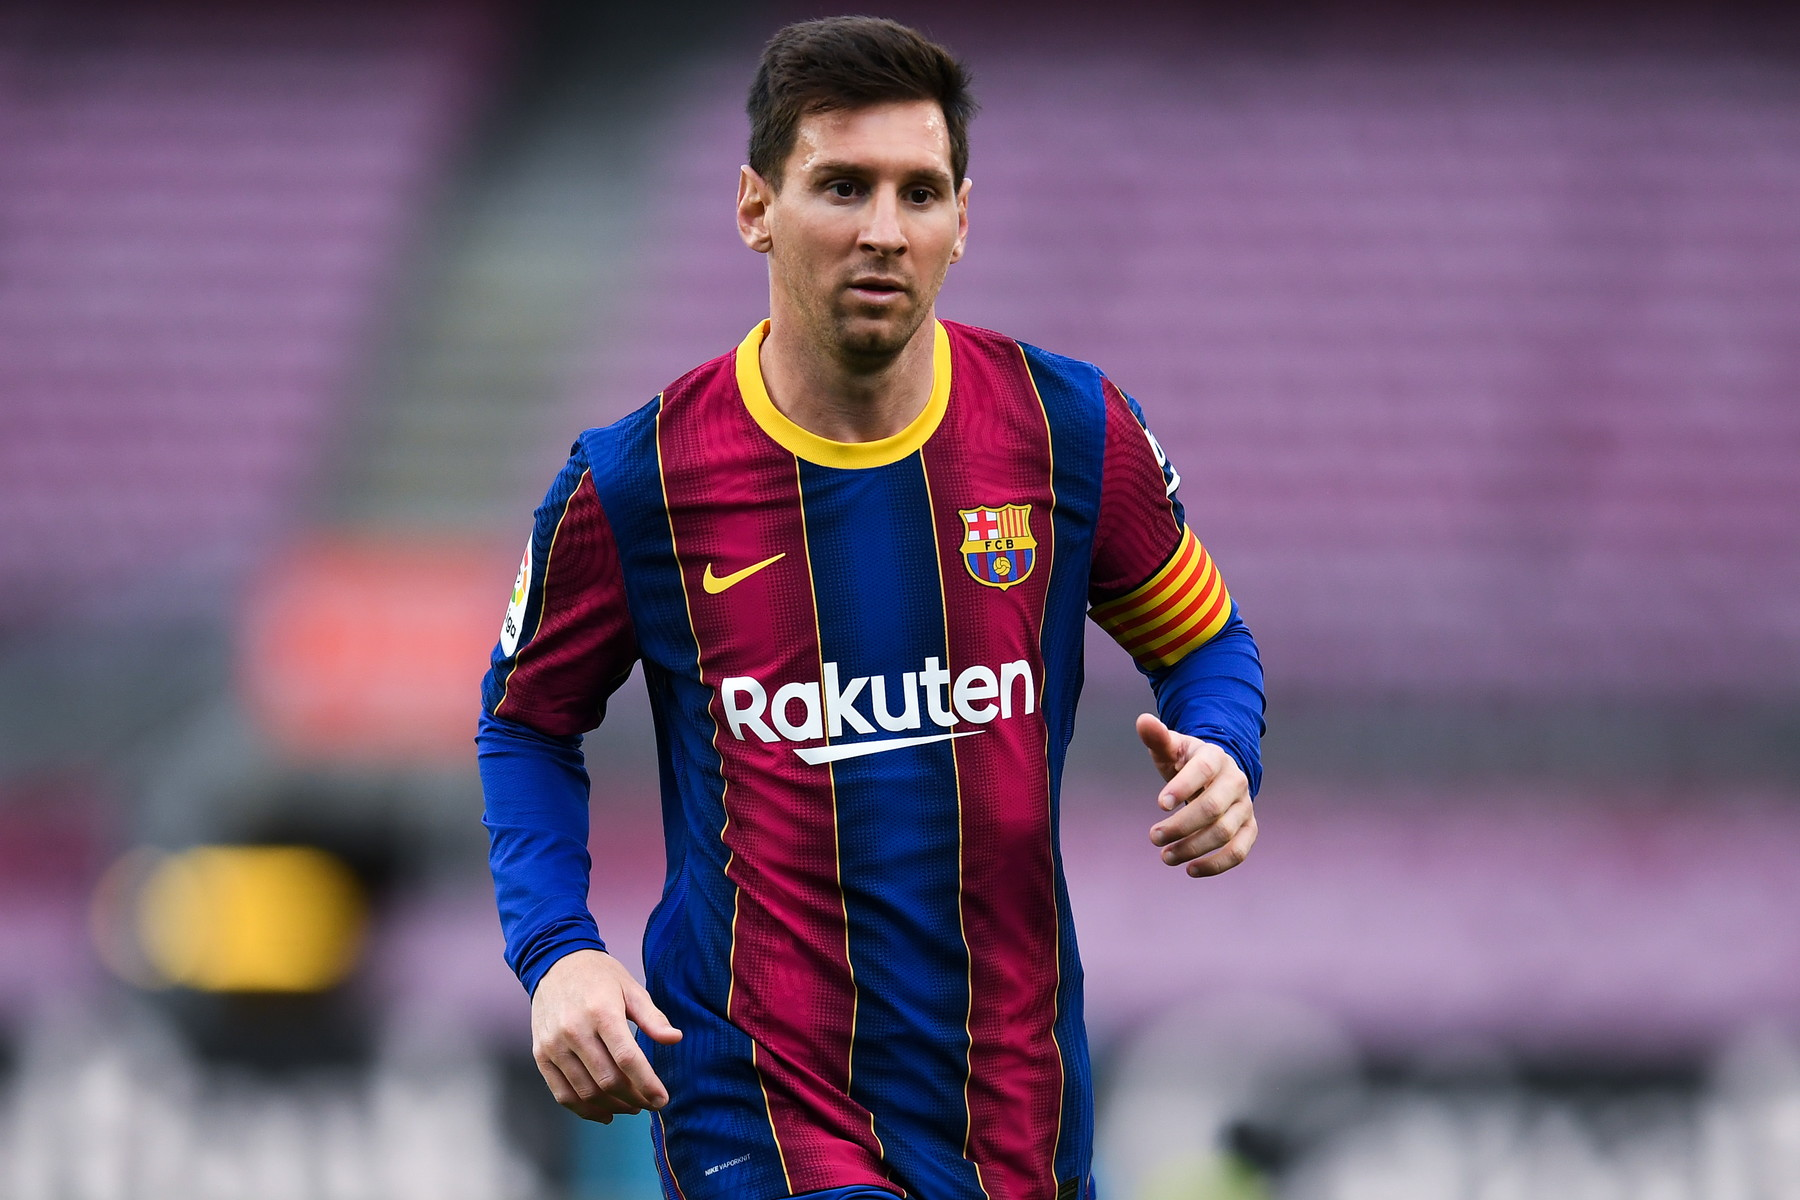 Tanti grandi nomi, su tutti ovviamente Leo Messi, ma l&#39;argentino &egrave; in buona compagnia&hellip; Ecco le migliori 20 occasioni a costo zero<br /><br />